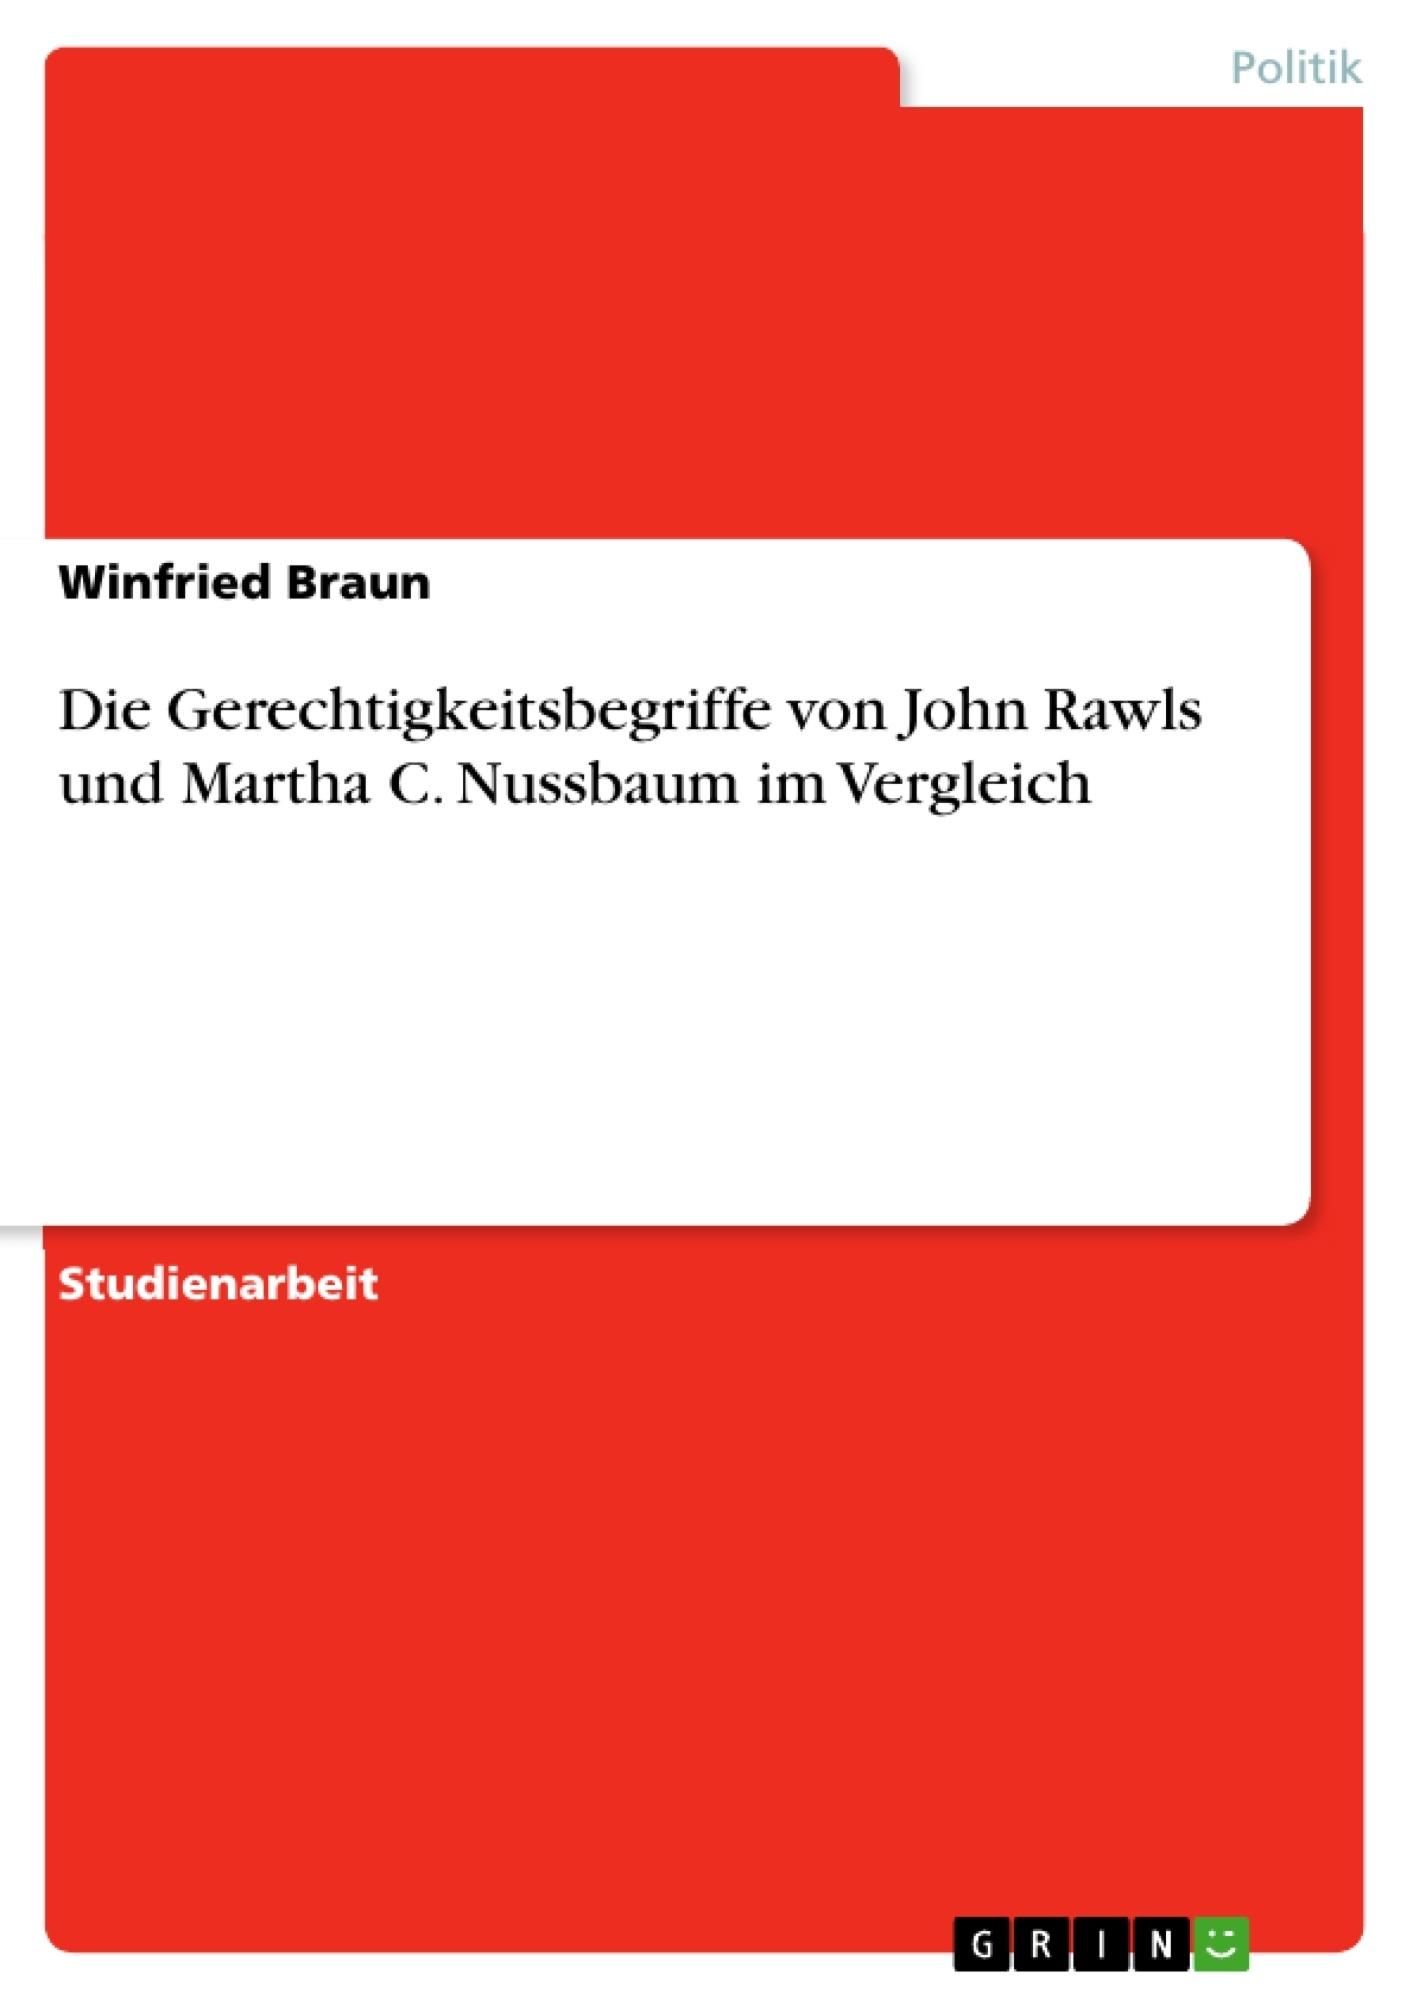 Titel: Die Gerechtigkeitsbegriffe von John Rawls und Martha C. Nussbaum im Vergleich